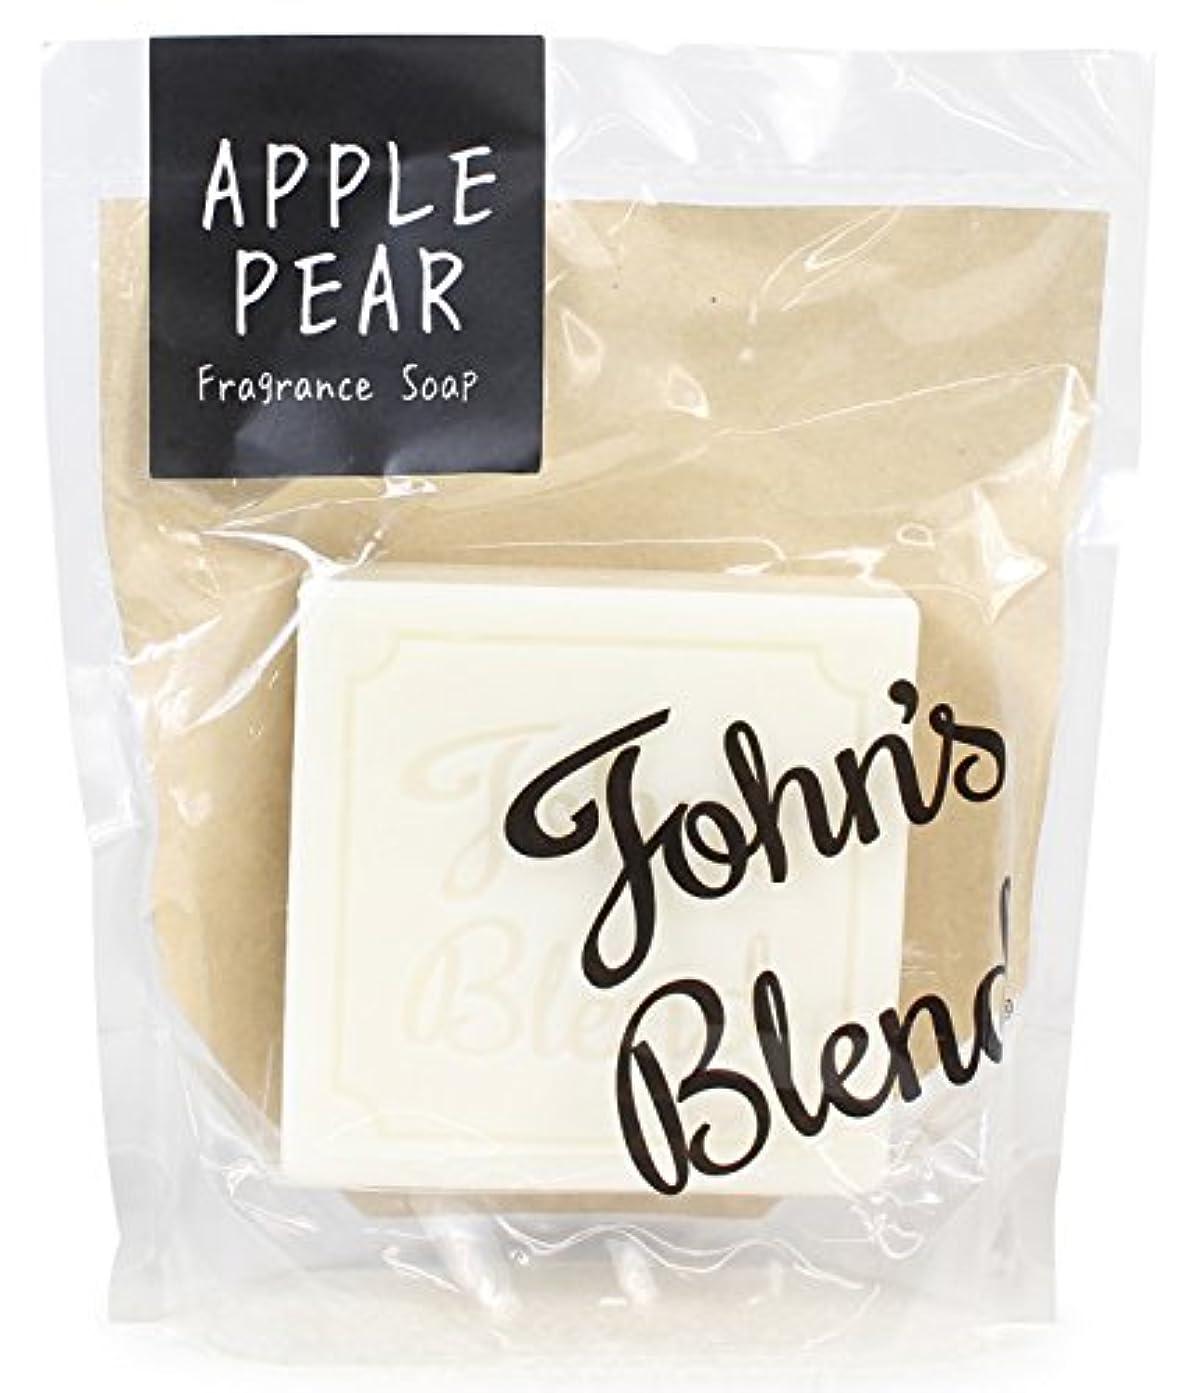 インシデントよろめく視力Johns Blend フレグランスソープ 石鹸 90g アップルペア OB-JNB-1-2